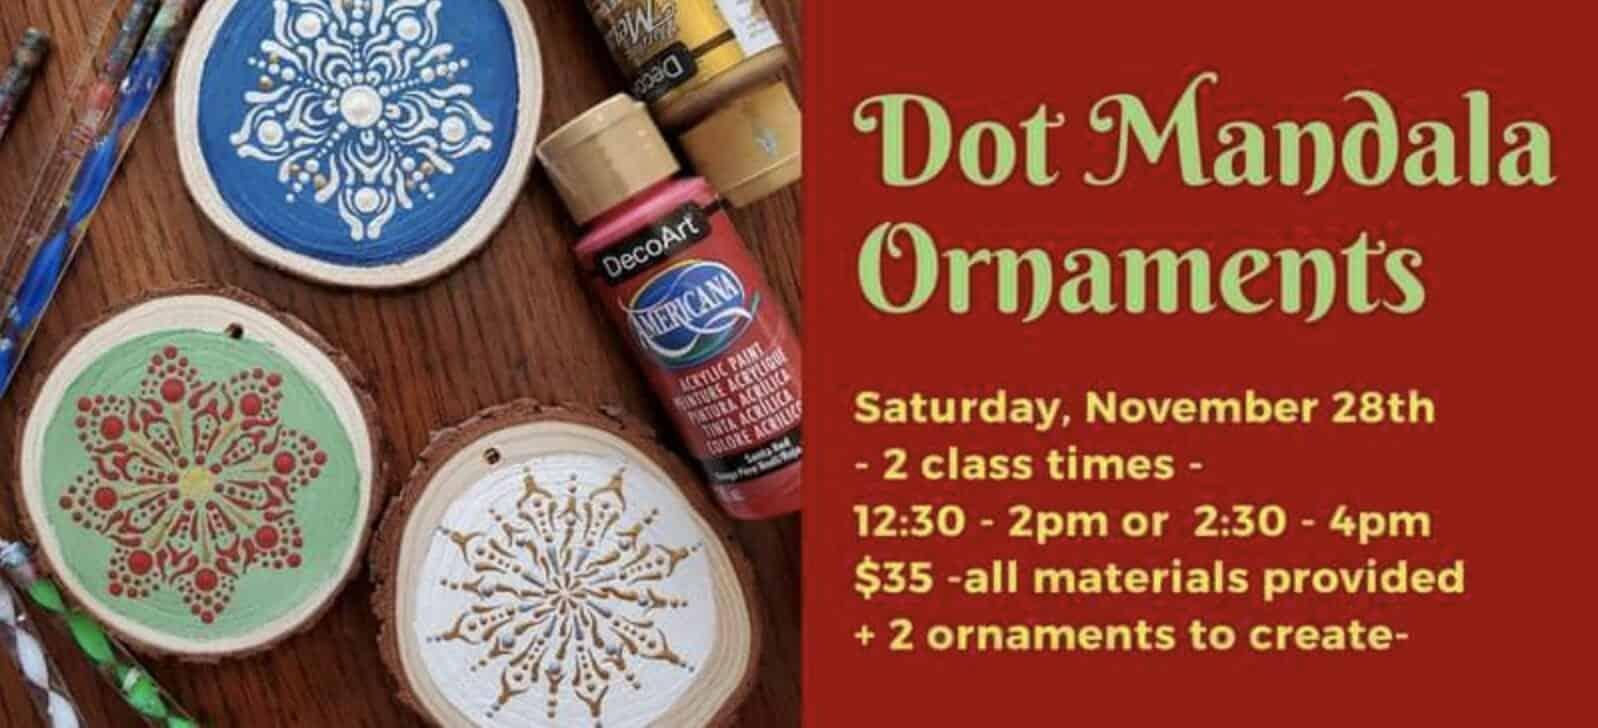 Dot Mandala Ornaments at Essa in Jackson MI